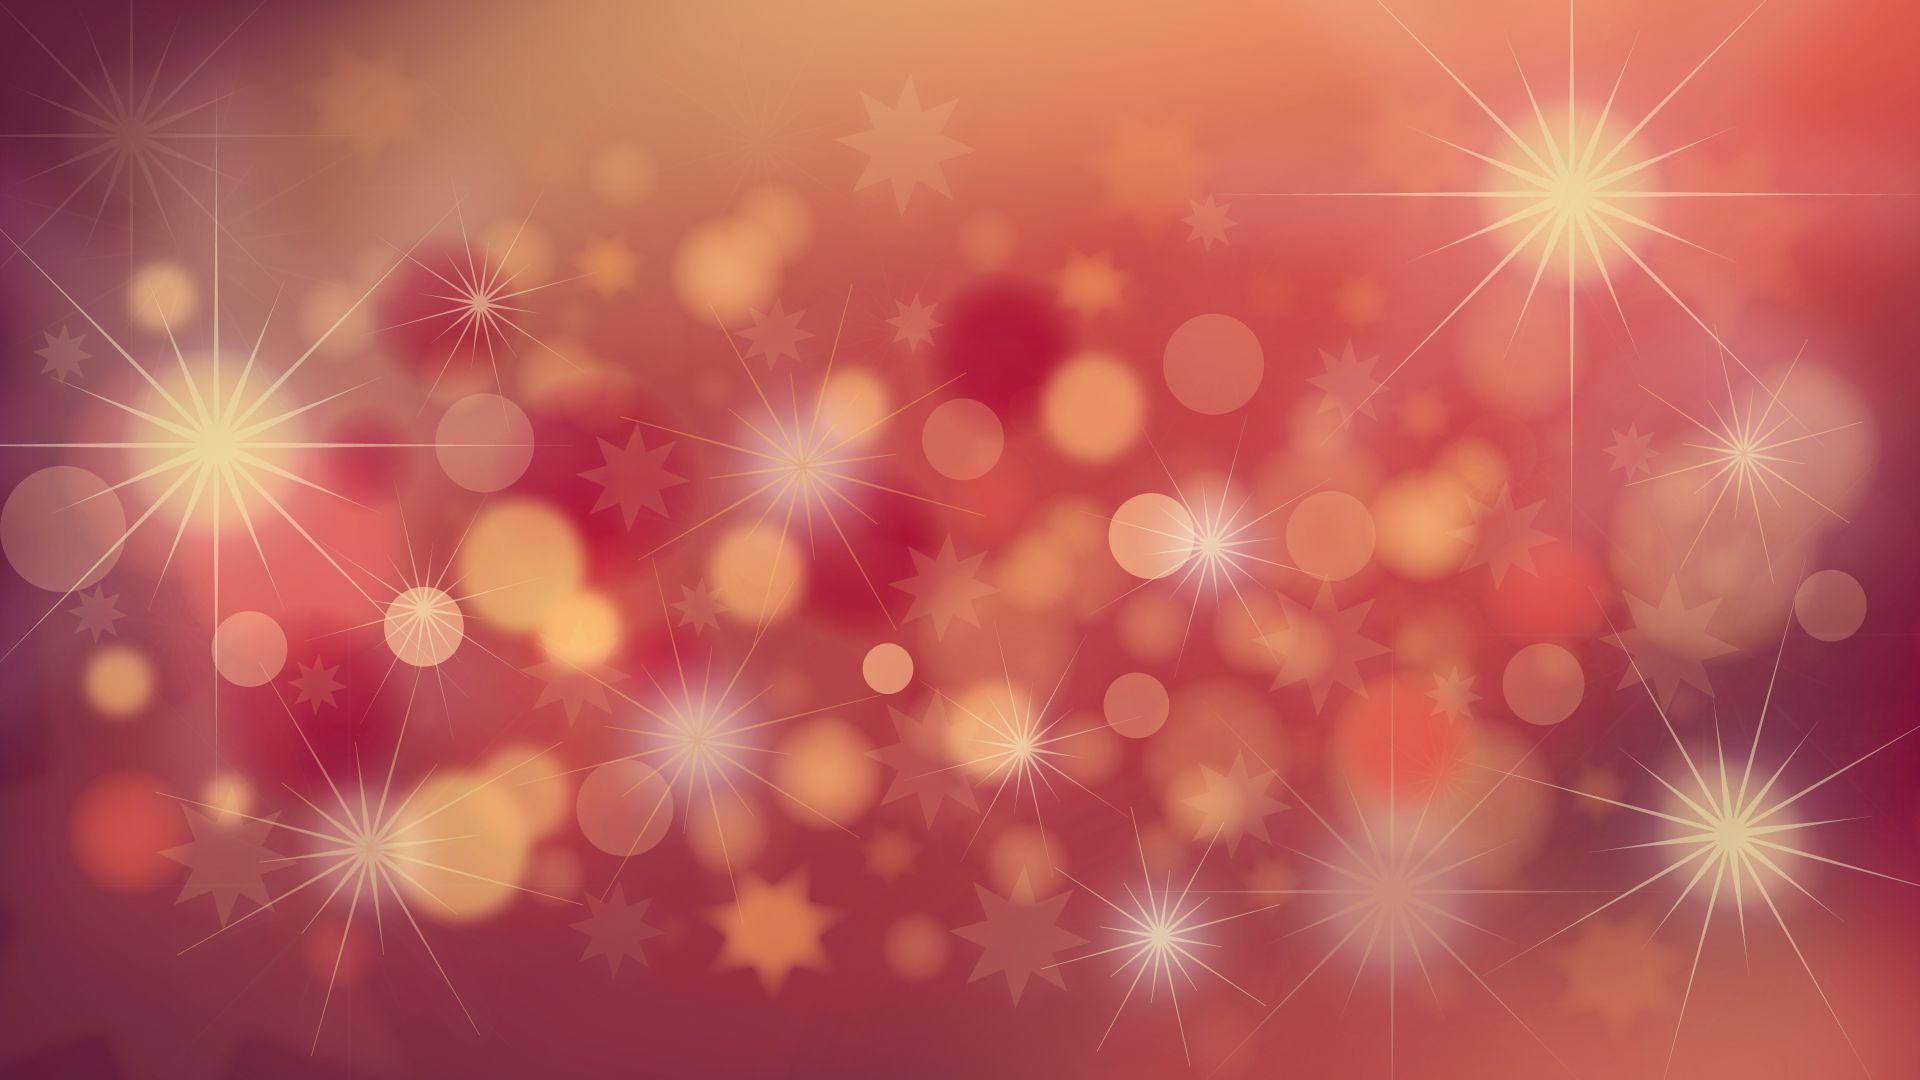 Wallpaper Abstract, bokeh, glitter, celebrations, 5k